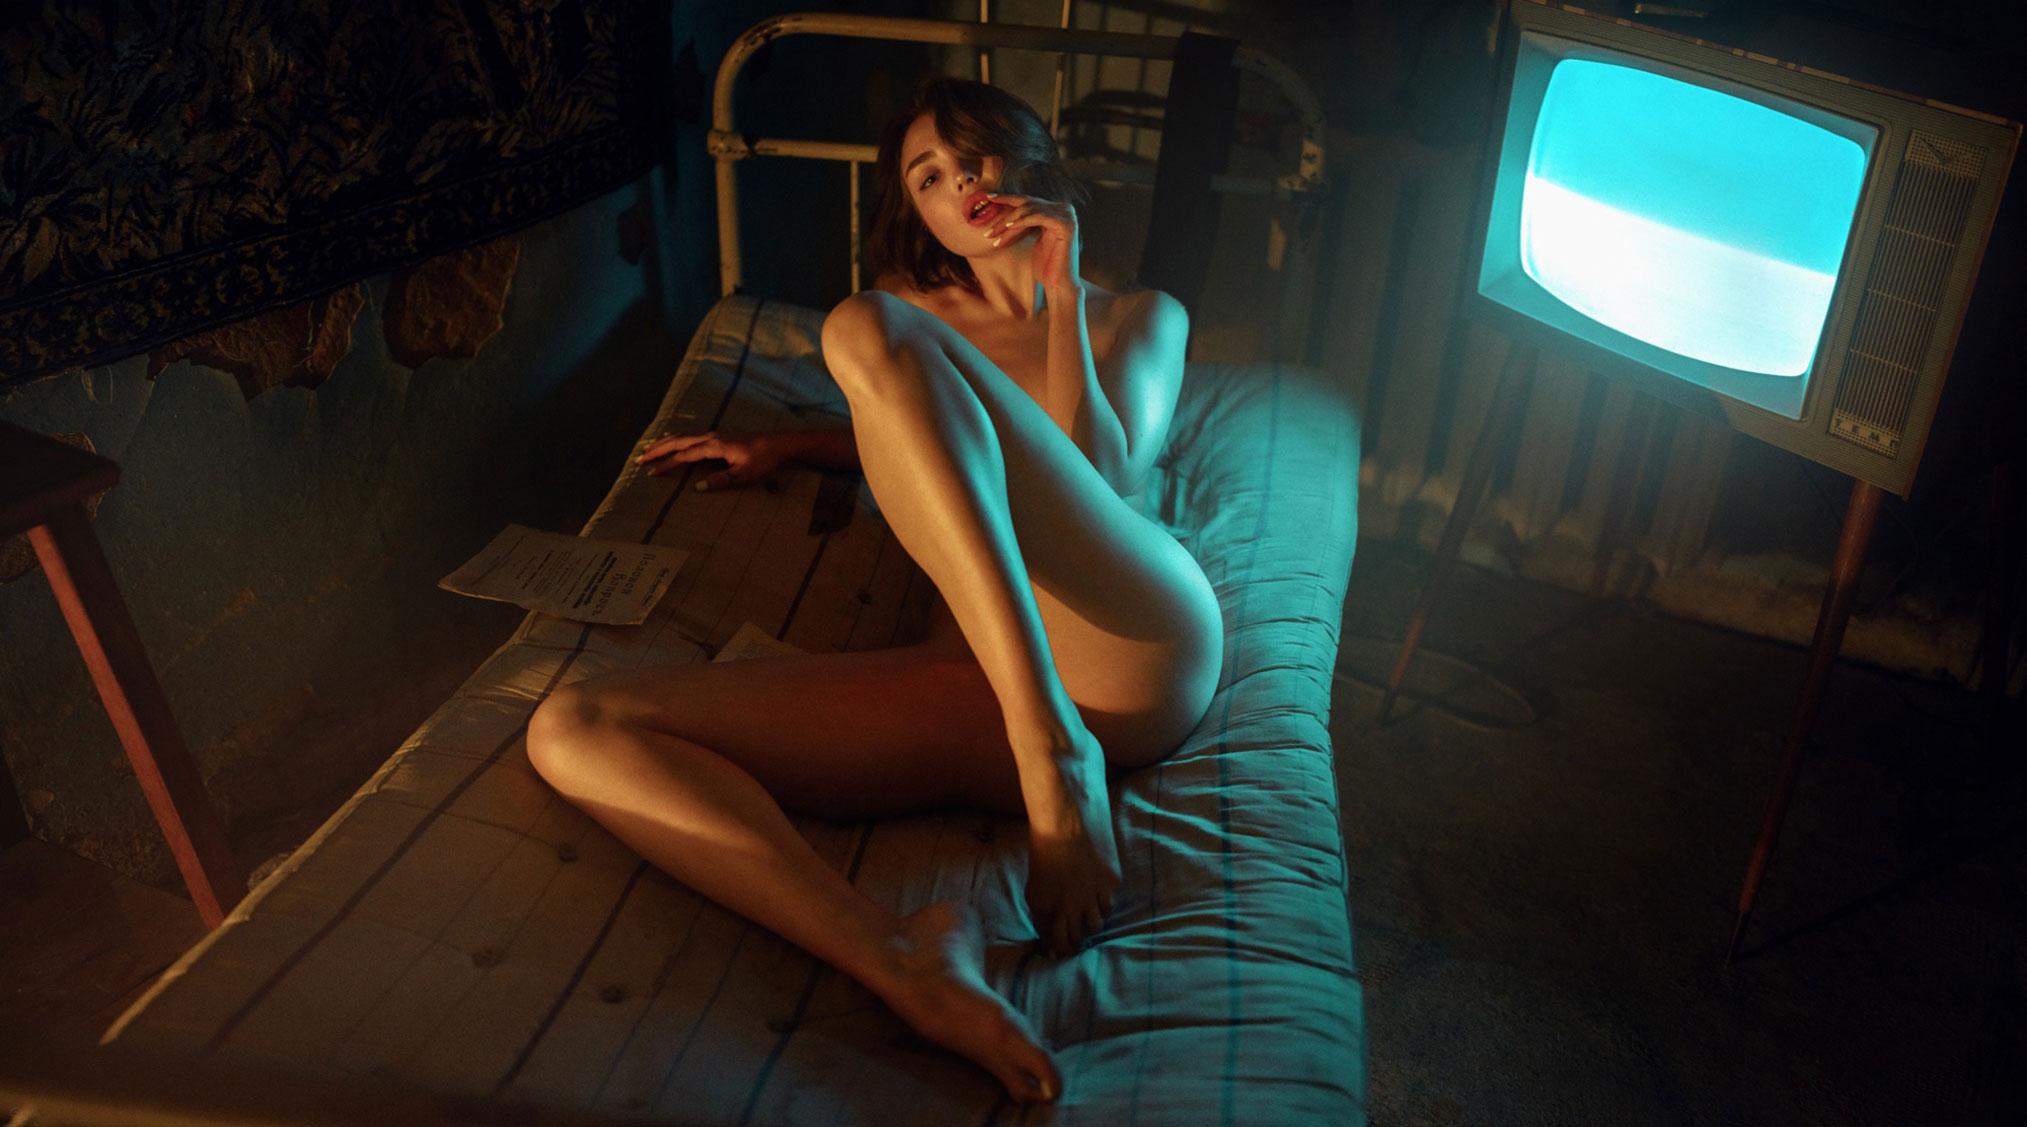 Екатерина Клигер и старый советский телевизор / фото 01